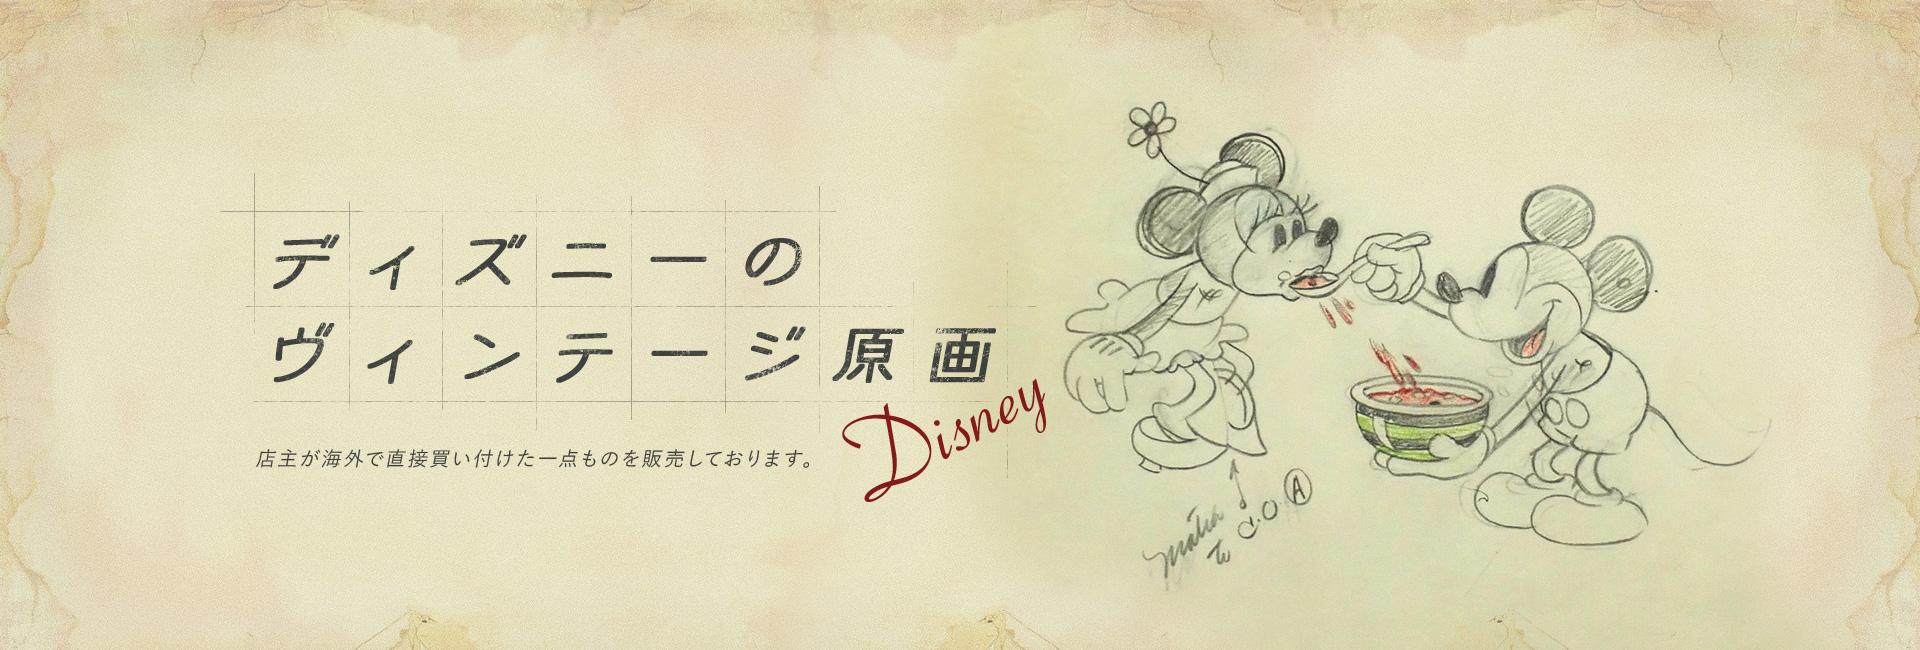 ディズニーのヴィンテージ原画